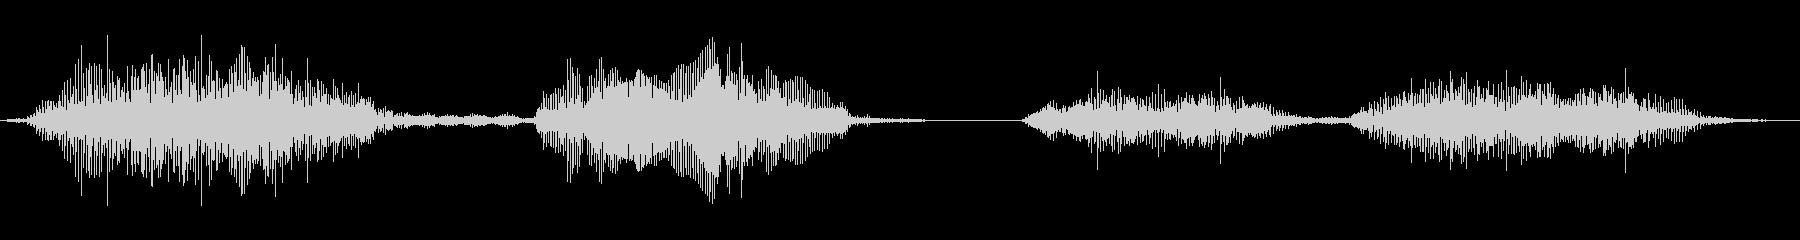 「がんばってね」の未再生の波形